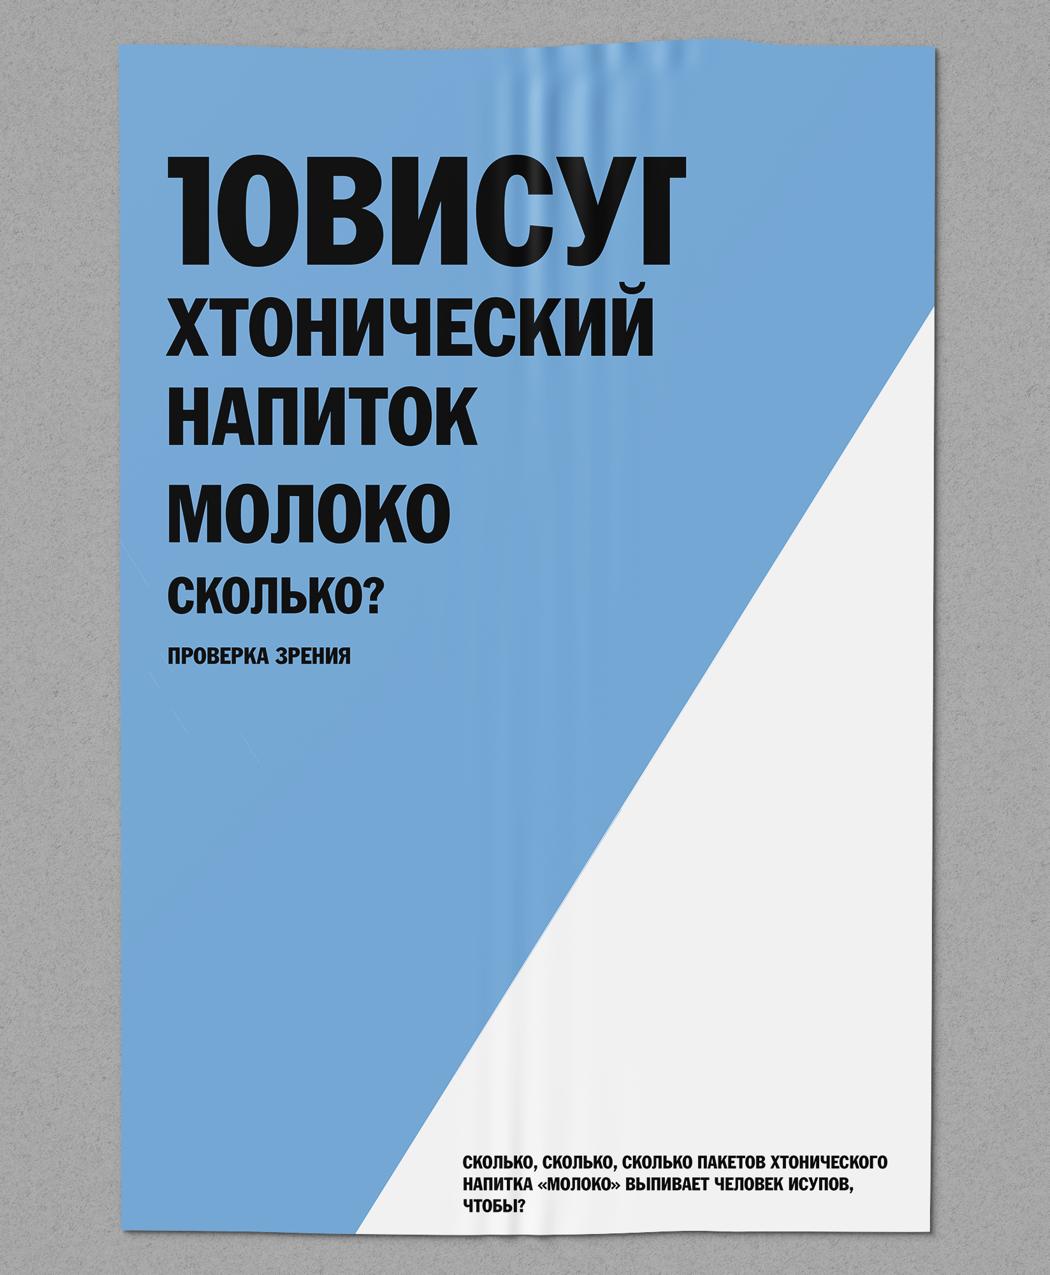 Poster Повисуп-1_1050-1275